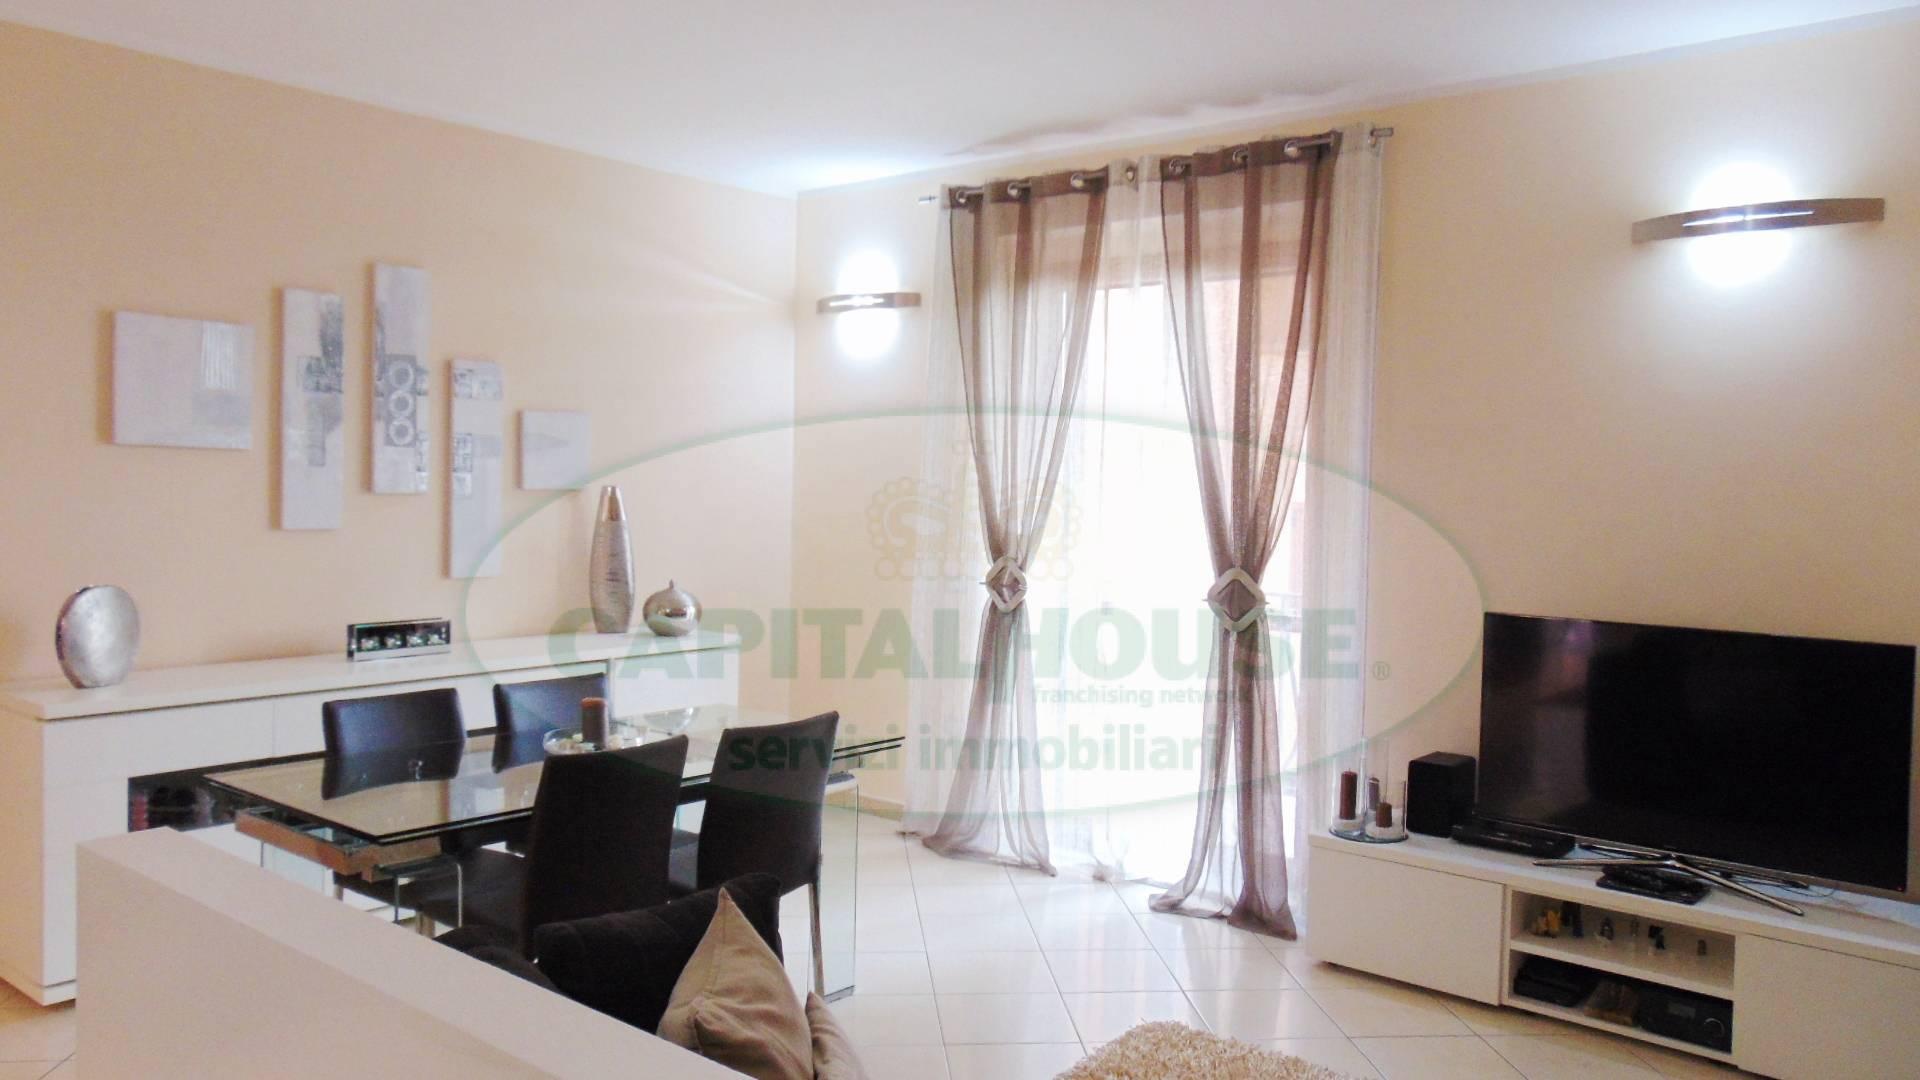 Appartamento in vendita a Mugnano del Cardinale, 3 locali, prezzo € 135.000 | CambioCasa.it